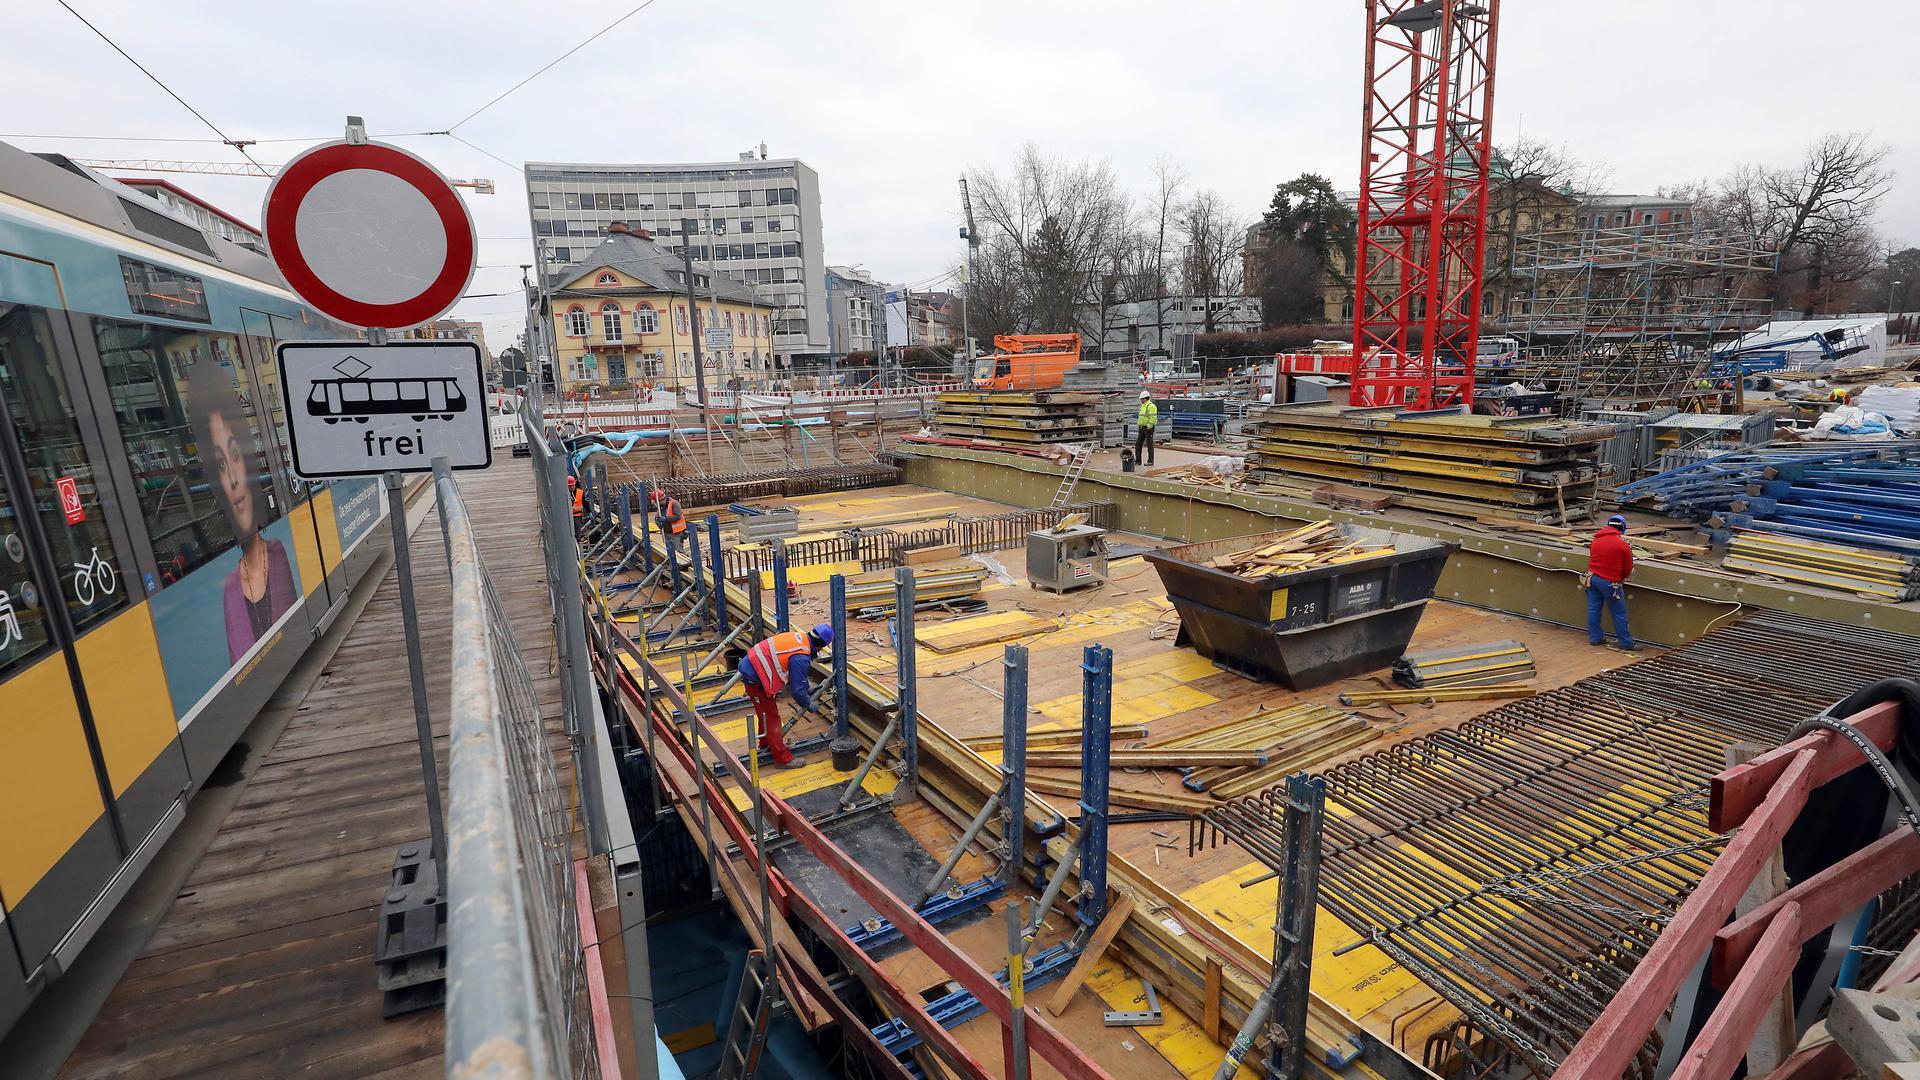 Über der Baugrube: Am Karlstor rollt die Straßenbahn über eine Behelfsbrücke, während die Arbeiter das Betonieren des letzten Stücks vom Tunneldeckel daneben vorbereiten.